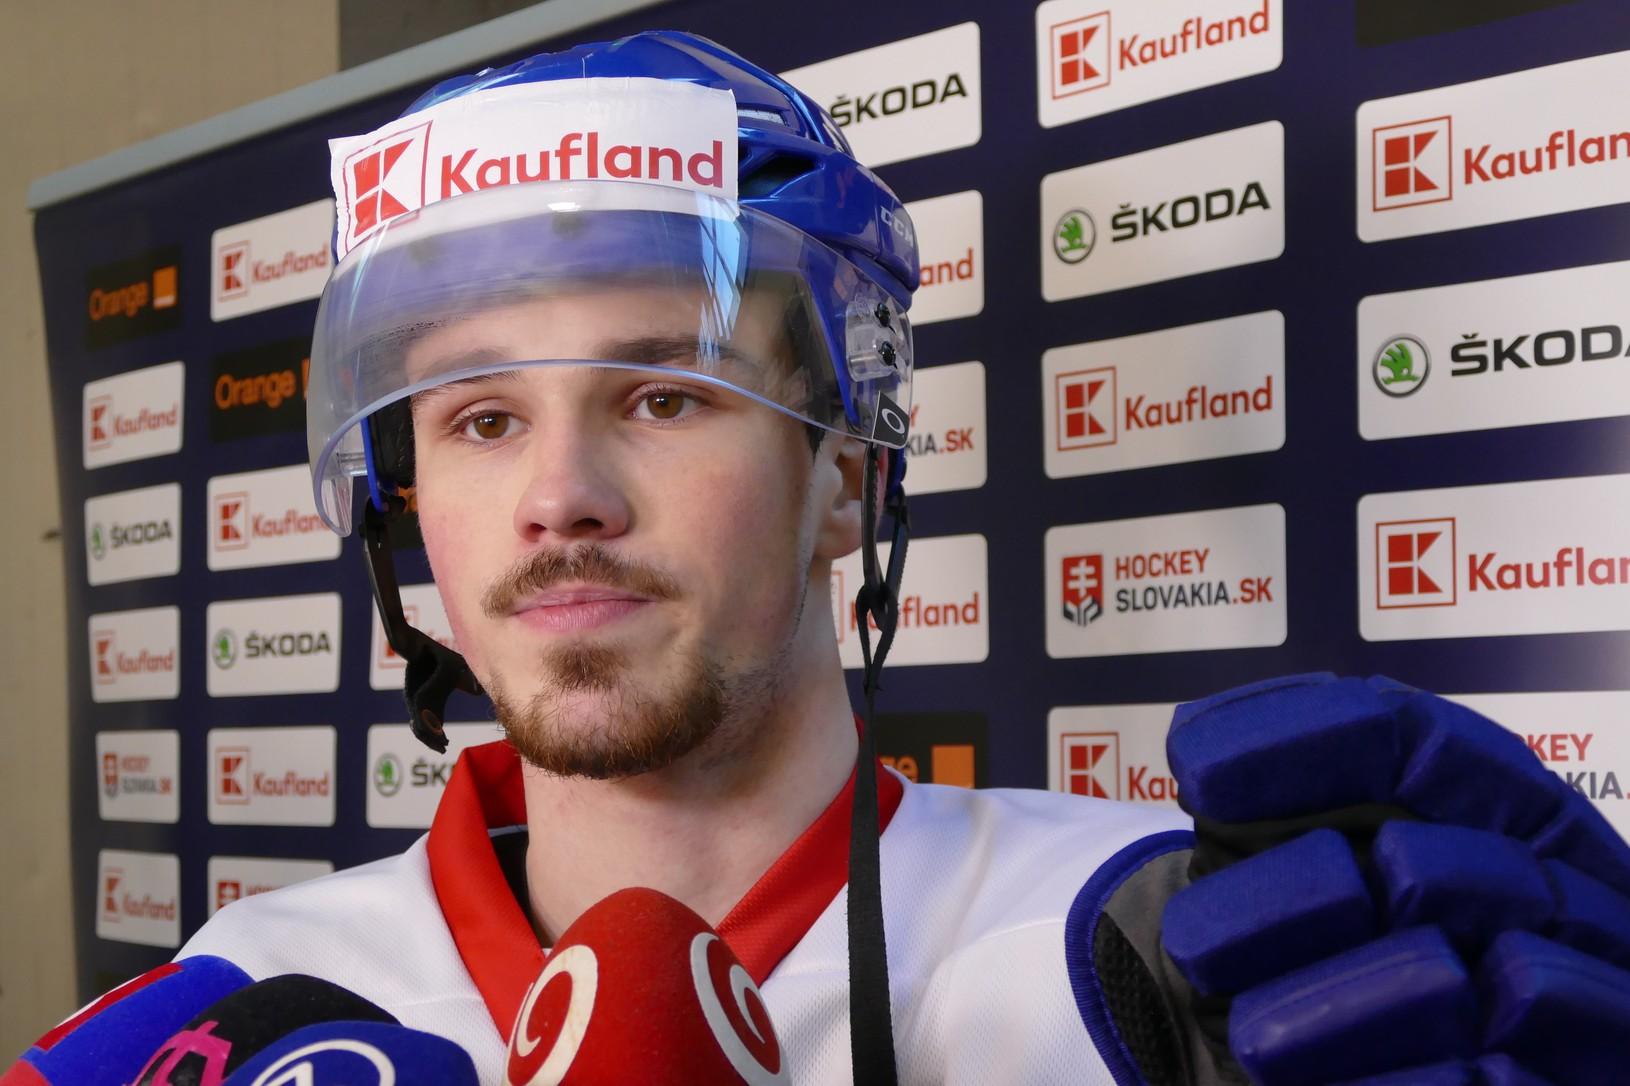 Maxim Čajkovič